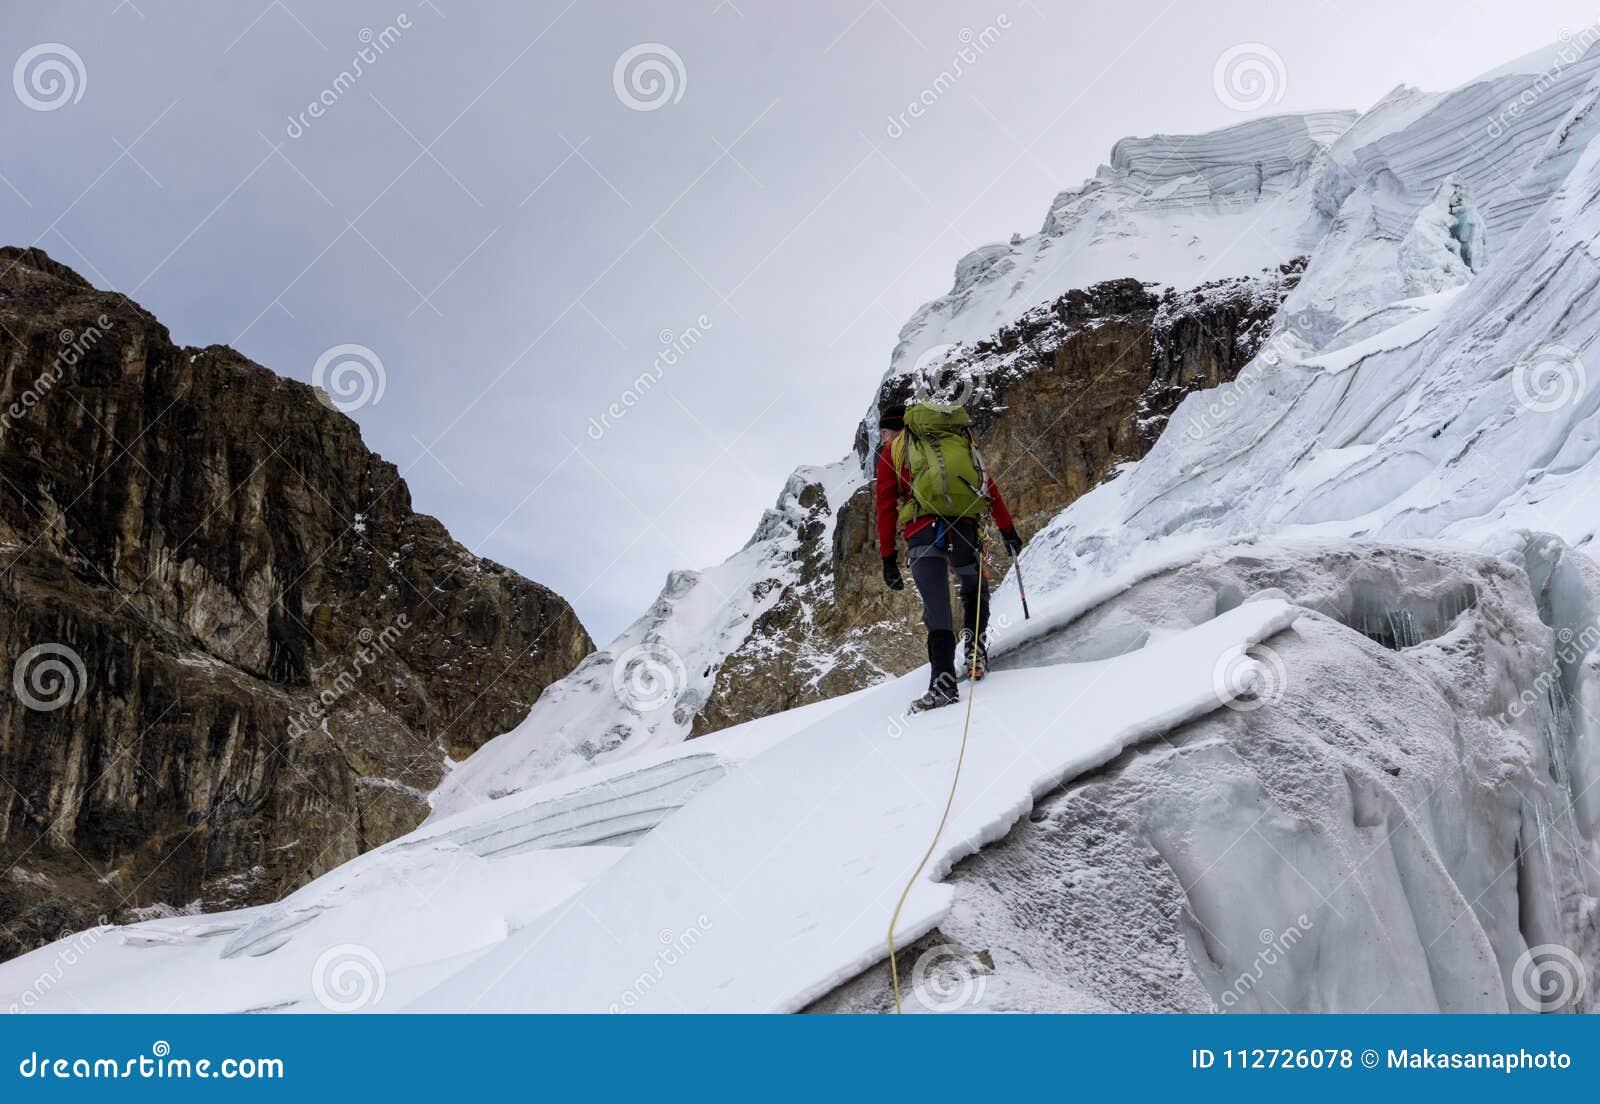 online store e6b61 62f61 Bergsteiger In Einer Roten Jacke Auf Einem Steilen Gletscher ...